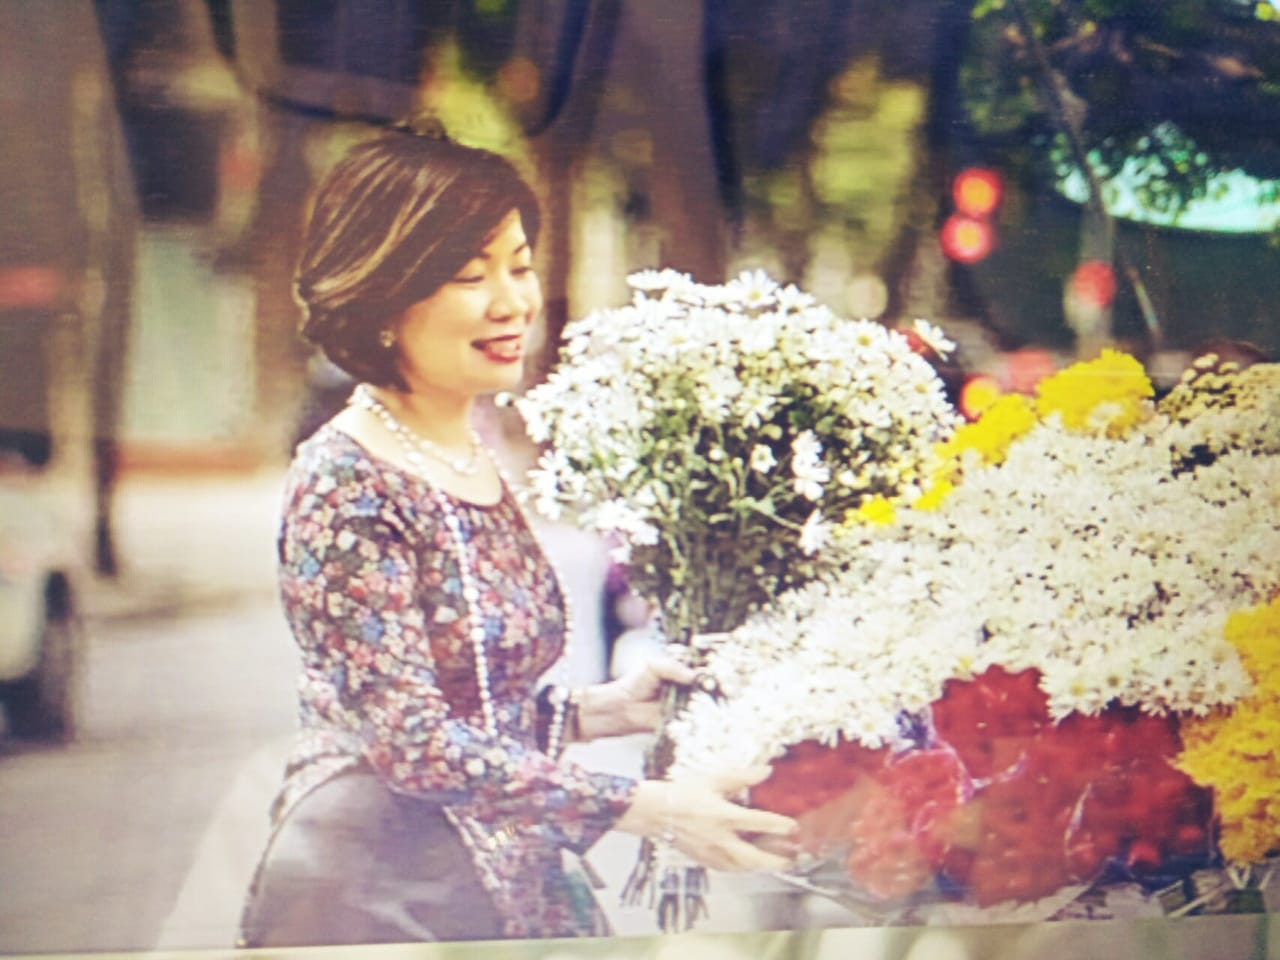 """Bộ ảnh chụp cùng Cúc họa mi tuyệt đẹp của """"Nữ tiếp viên trưởng không tuổi"""" Nguyễn Thanh Bình"""